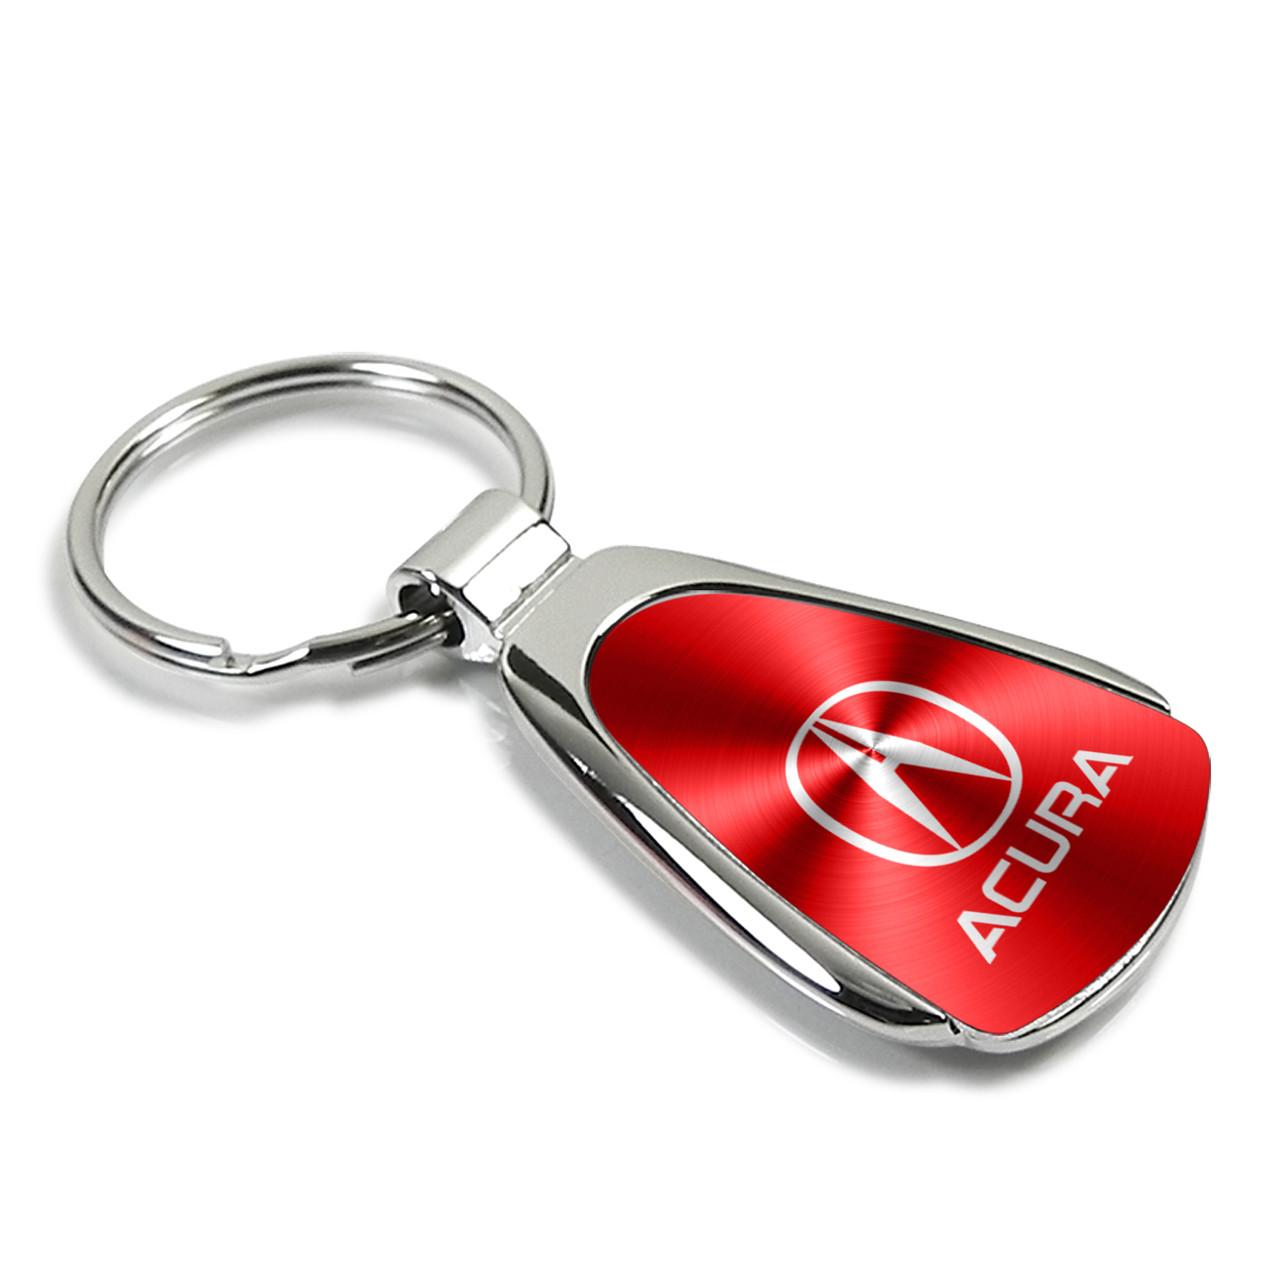 Acura RDX Red Spun Brushed Metal Key Ring